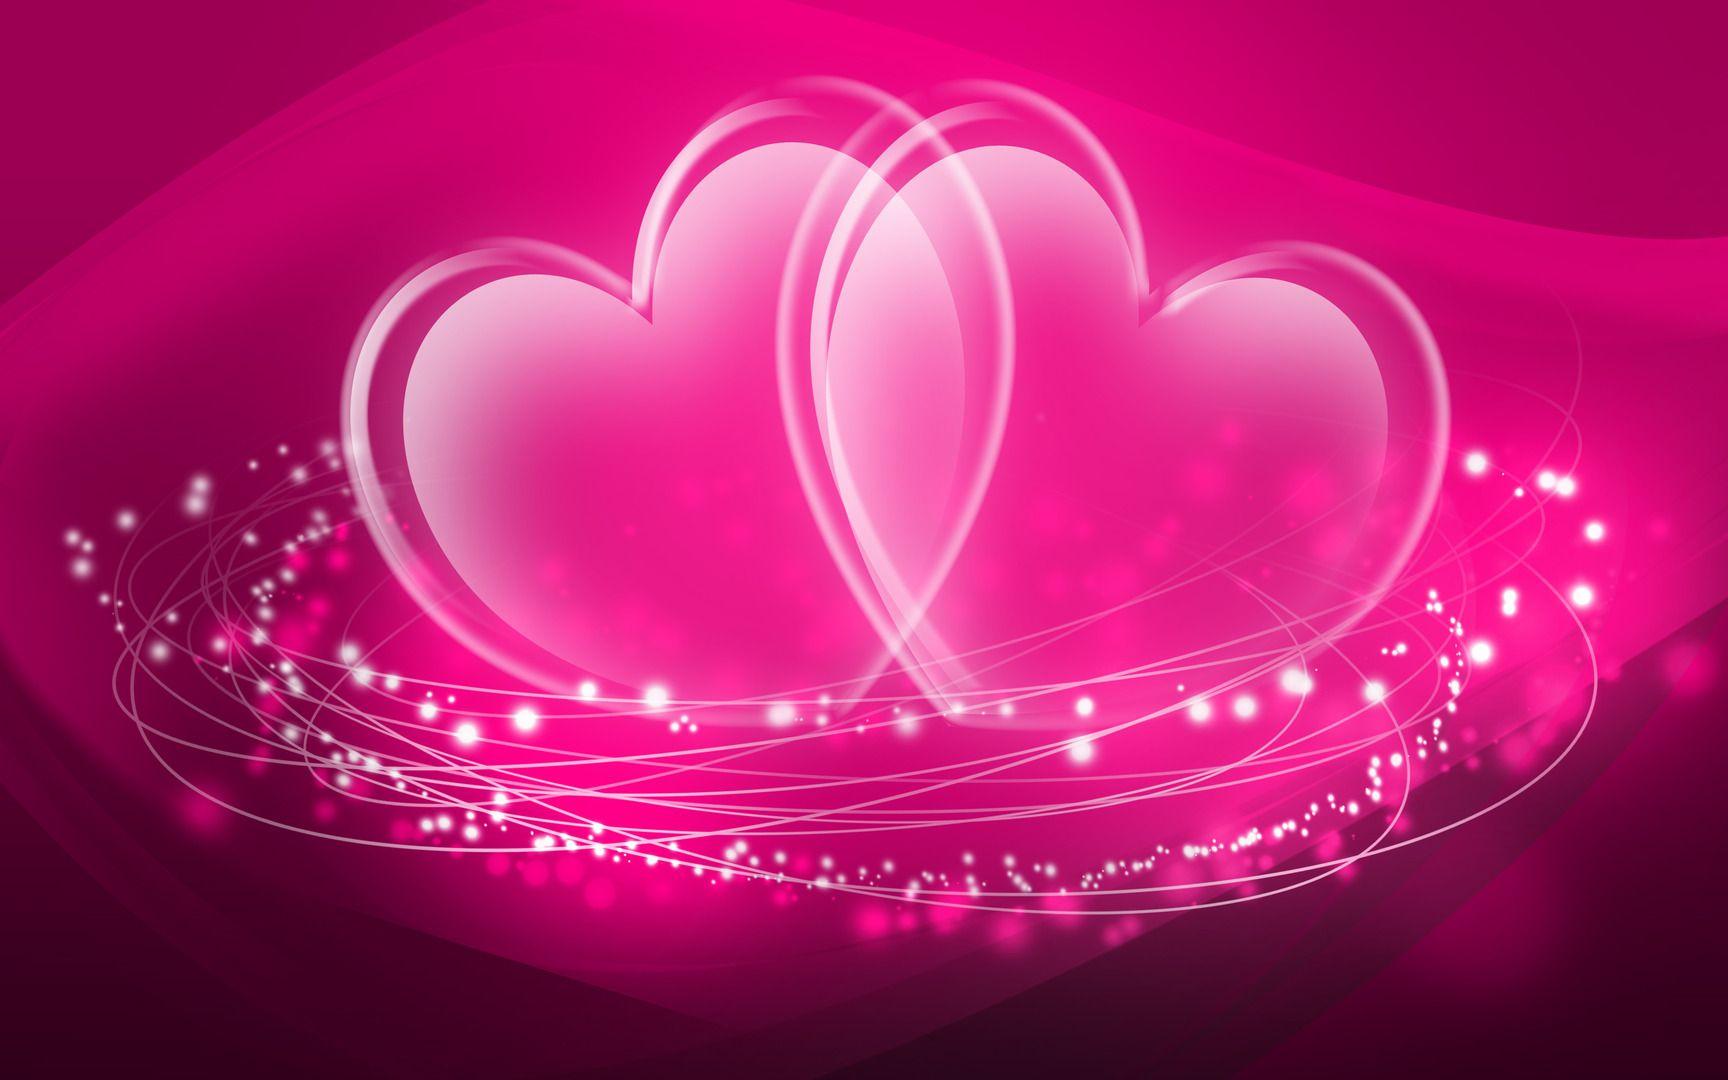 Hearts Wallpaper Love Pink Wallpaper Heart Wallpaper Pink Heart Background